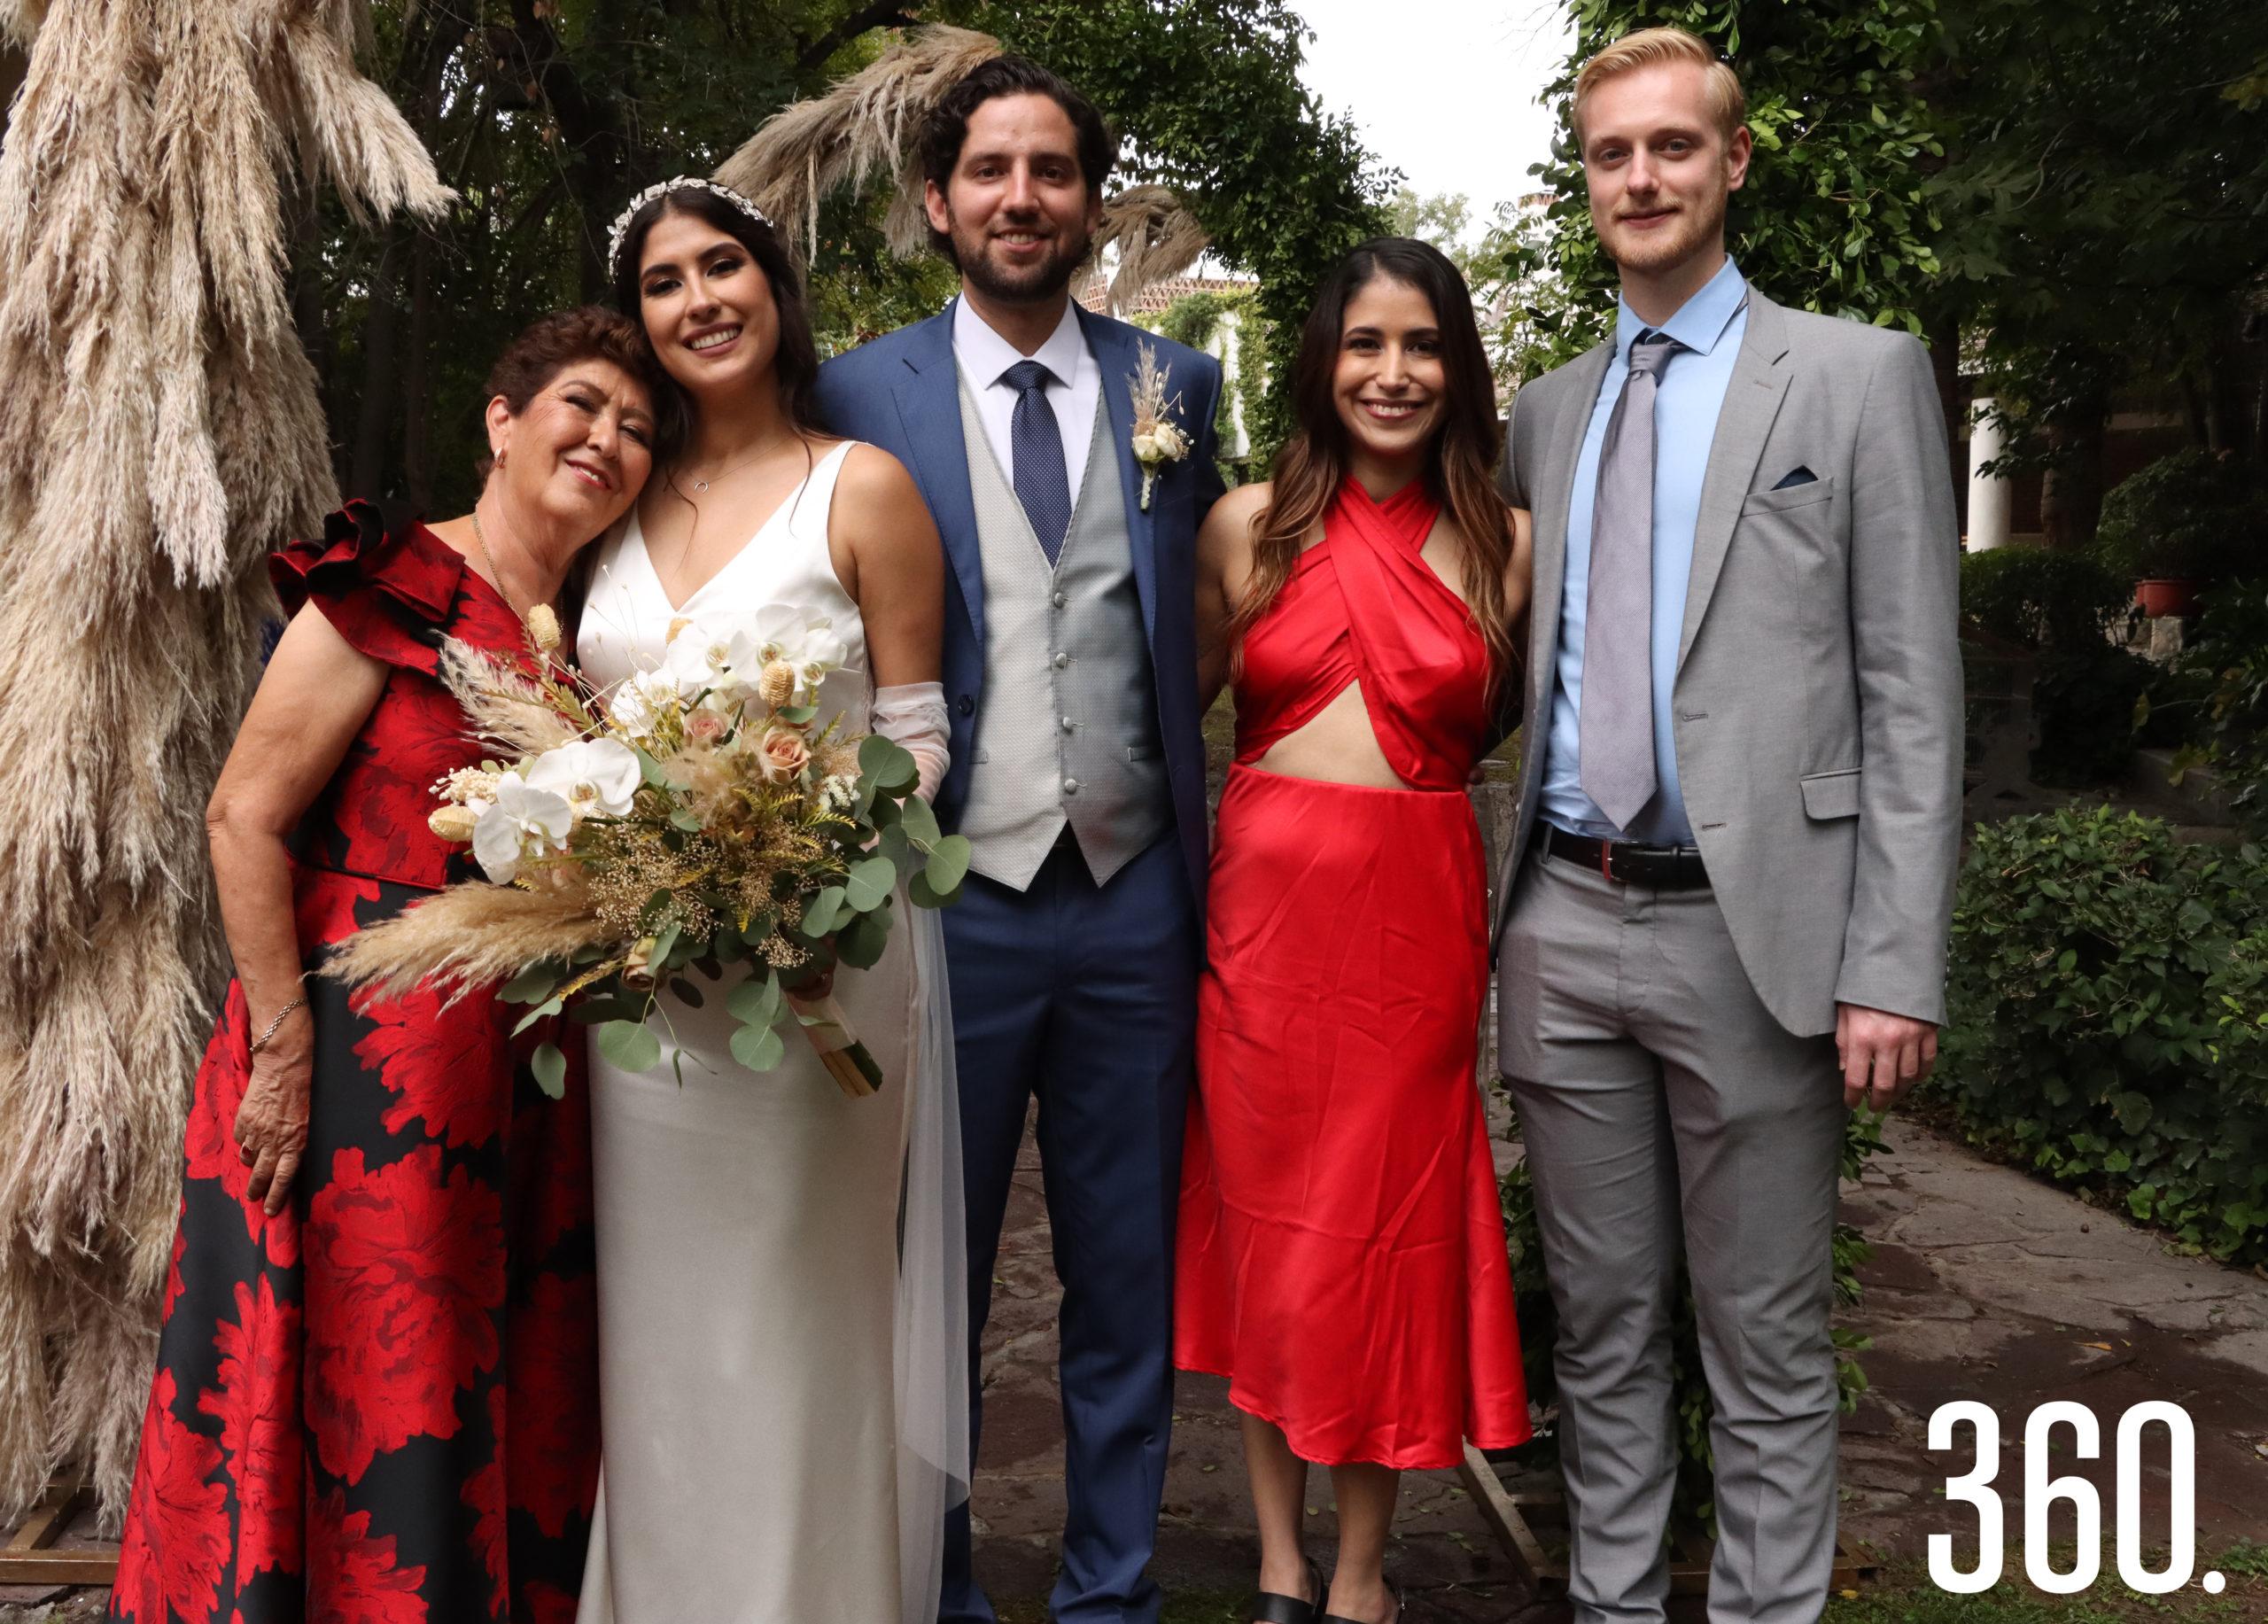 El matrimonio Aguirre Muijares acompañados por Luz María Berumen, Viridiana Mijares y Martijn Boon.